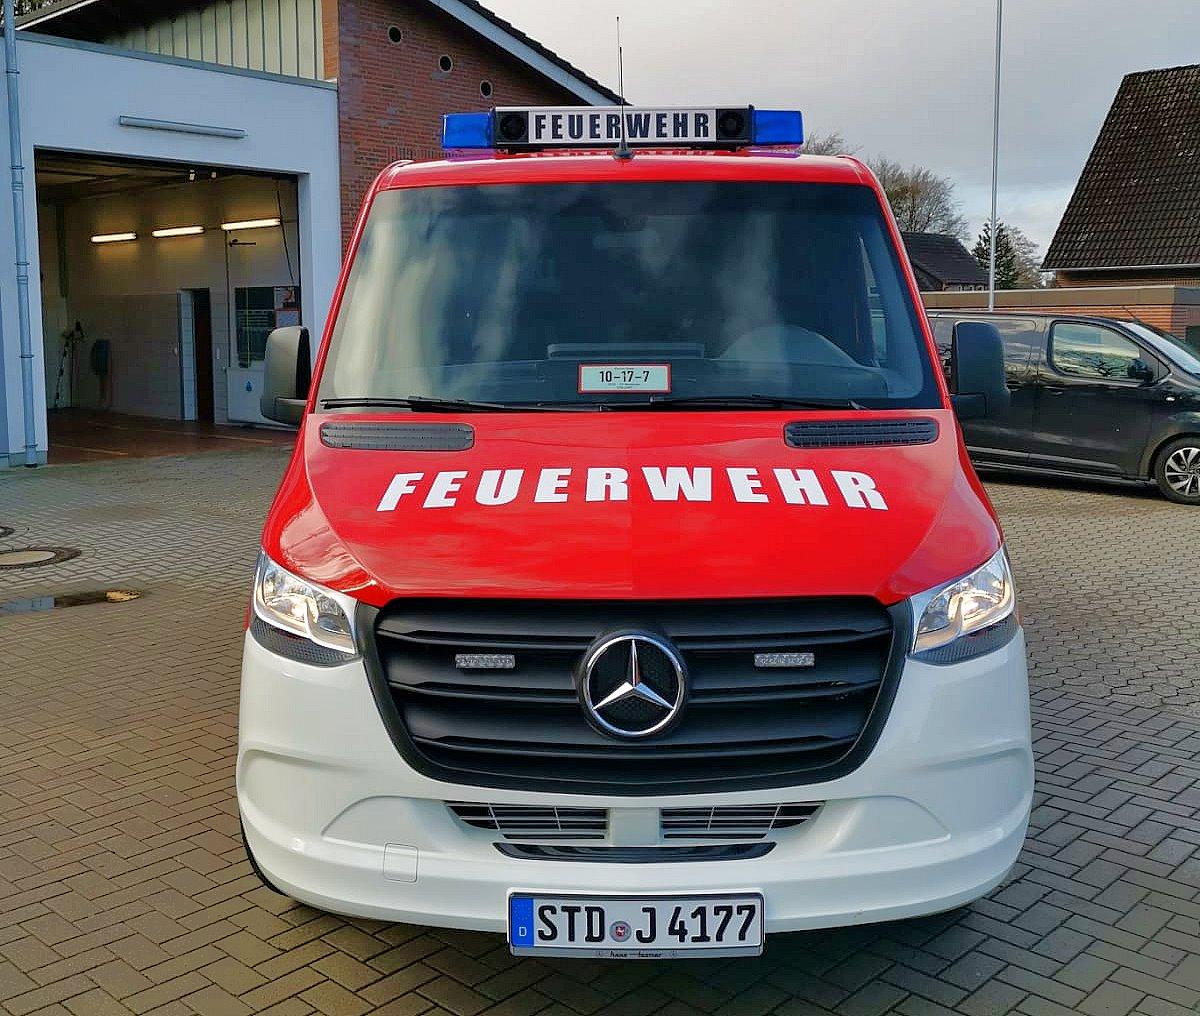 http://feuerwehr-buxtehude.de/media/img/bilder_ow_nkl/bilder_nkl_fa/mtf/4177g.jpg